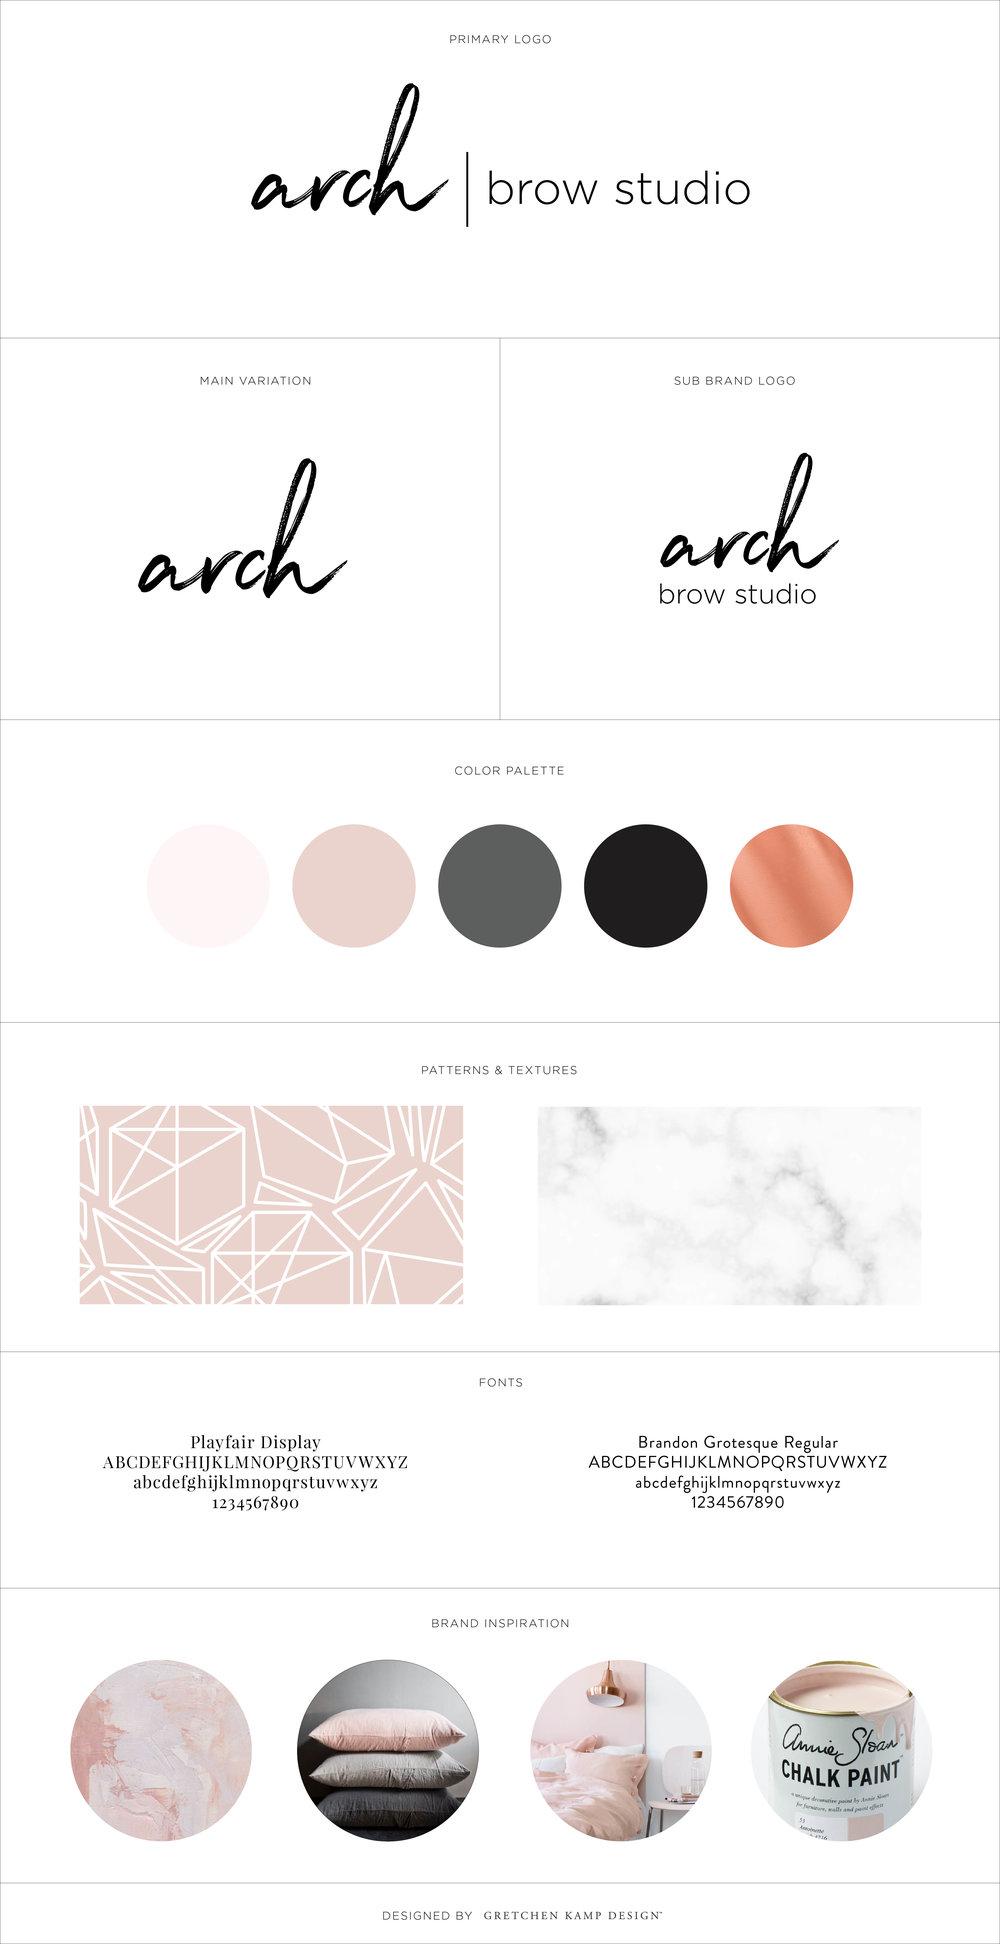 archbrowstudio_brand_v2.jpg